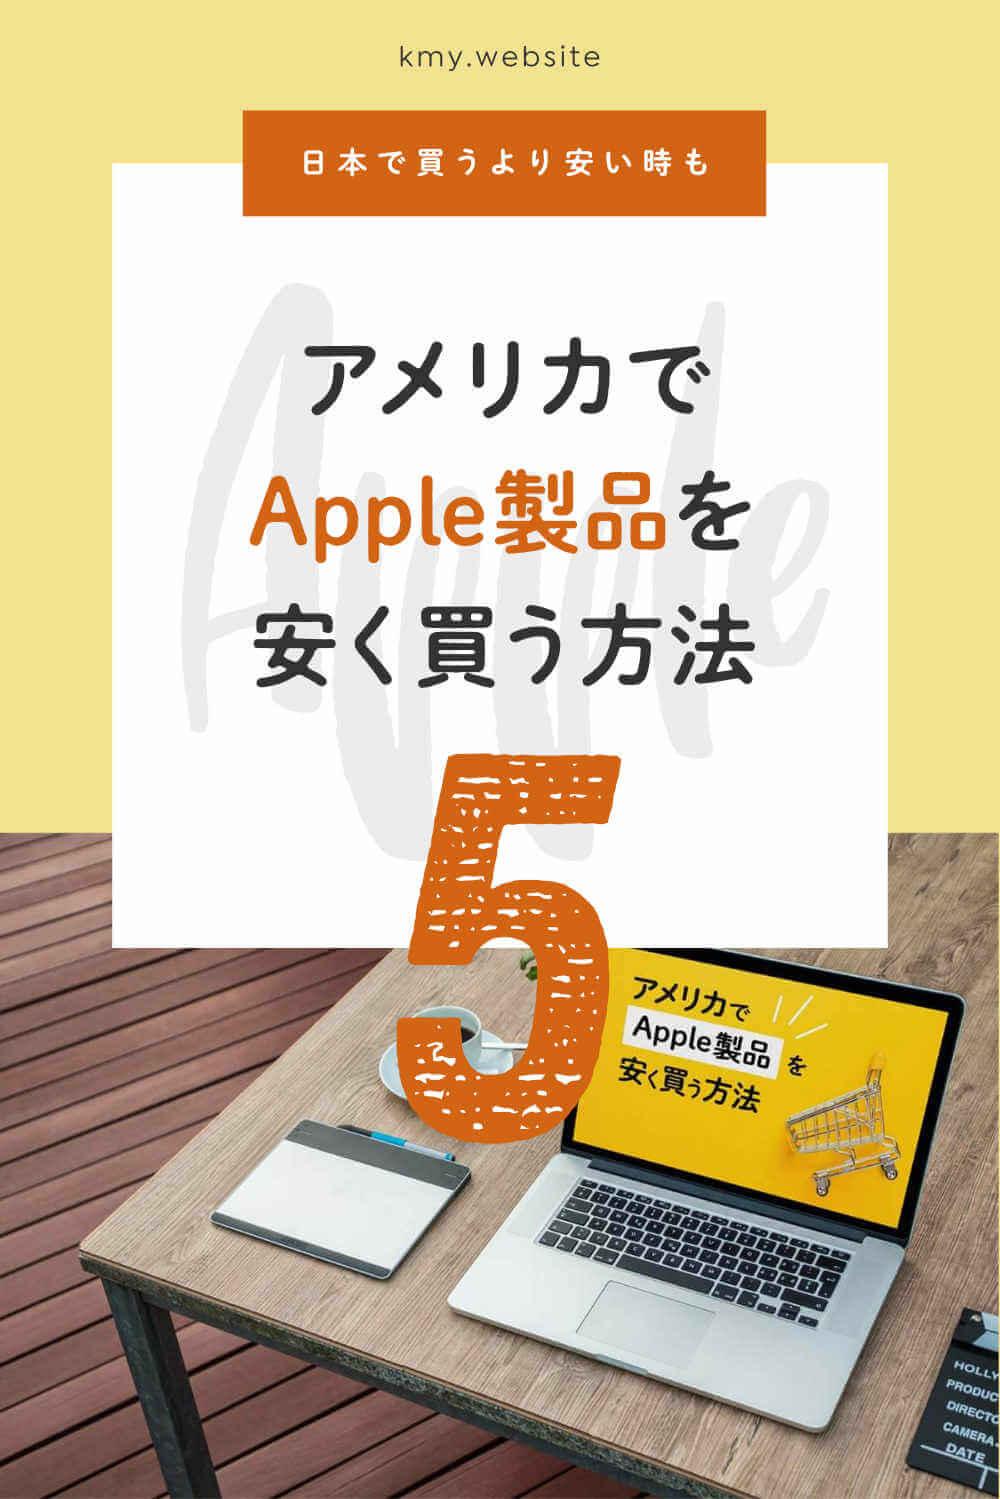 アメリカでAppleのMacBook Pro・iMac・Mac miniなどを安く買う5つの方法